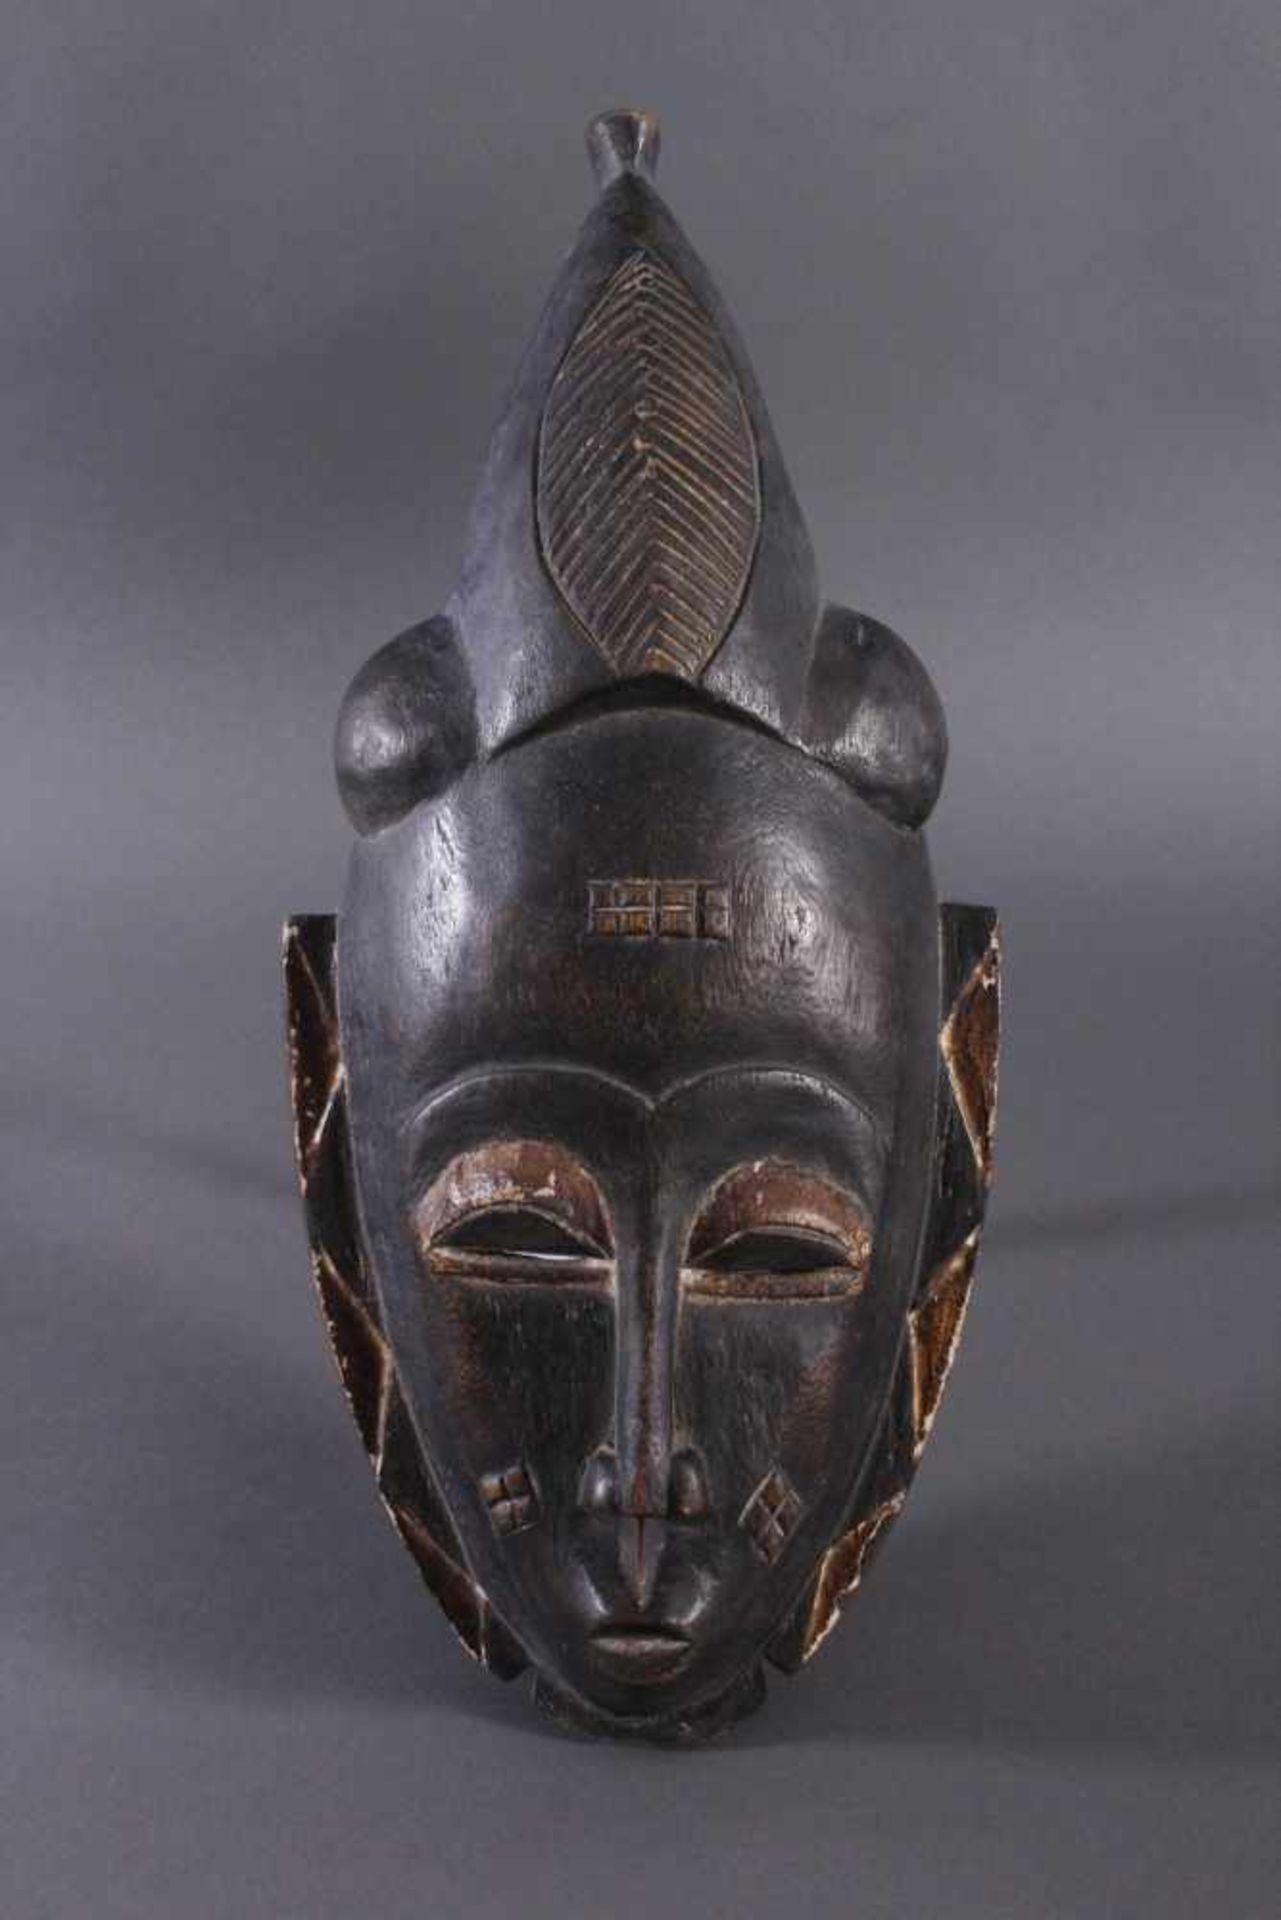 Antike Maske, Baule, Elfenbeinküste 1. Hälfte 20. Jh.Holz geschnitzt, dunkle Patina, Reste weißer